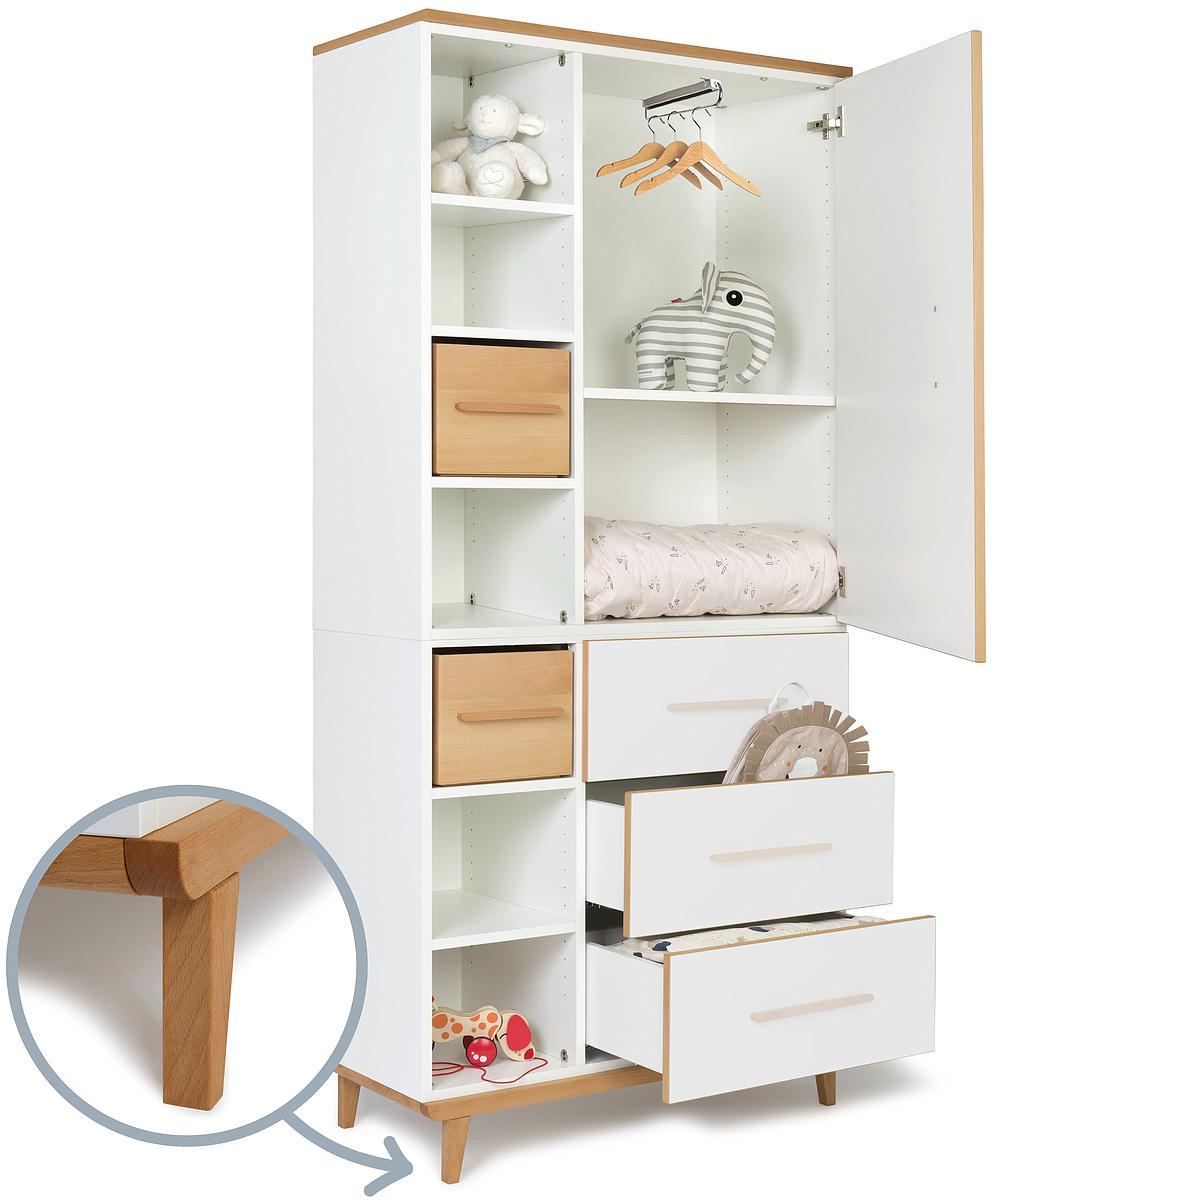 Kleiderschrank 198cm 1-türig 3 Schubladen ohne frontschubladen-tür NADO